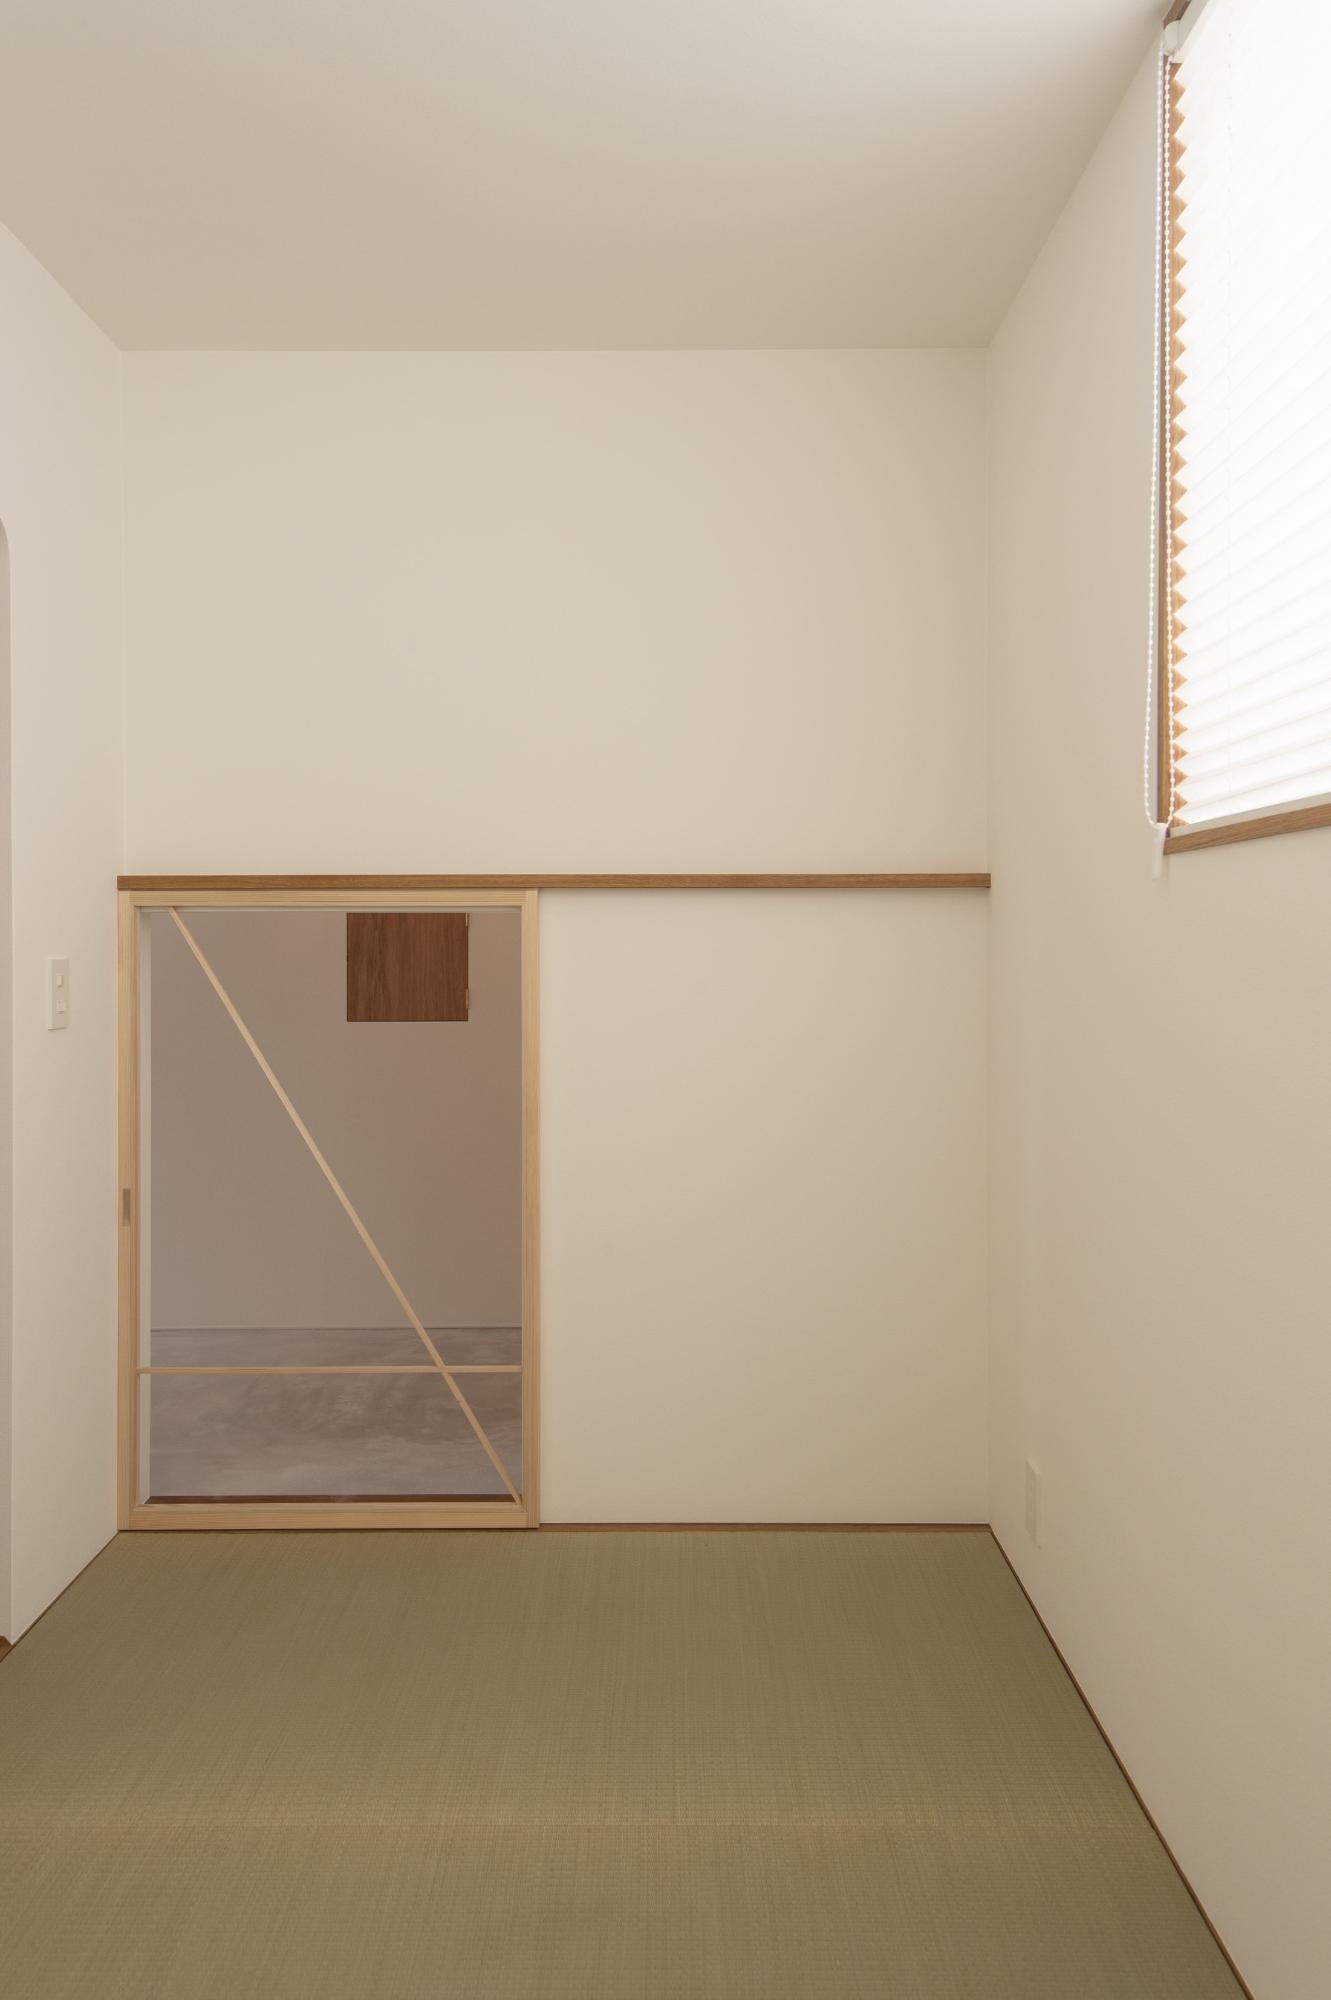 株式会社あかがわ建築設計室「悠遠の家」のシンプル・ナチュラル・自然素材な居室の実例写真